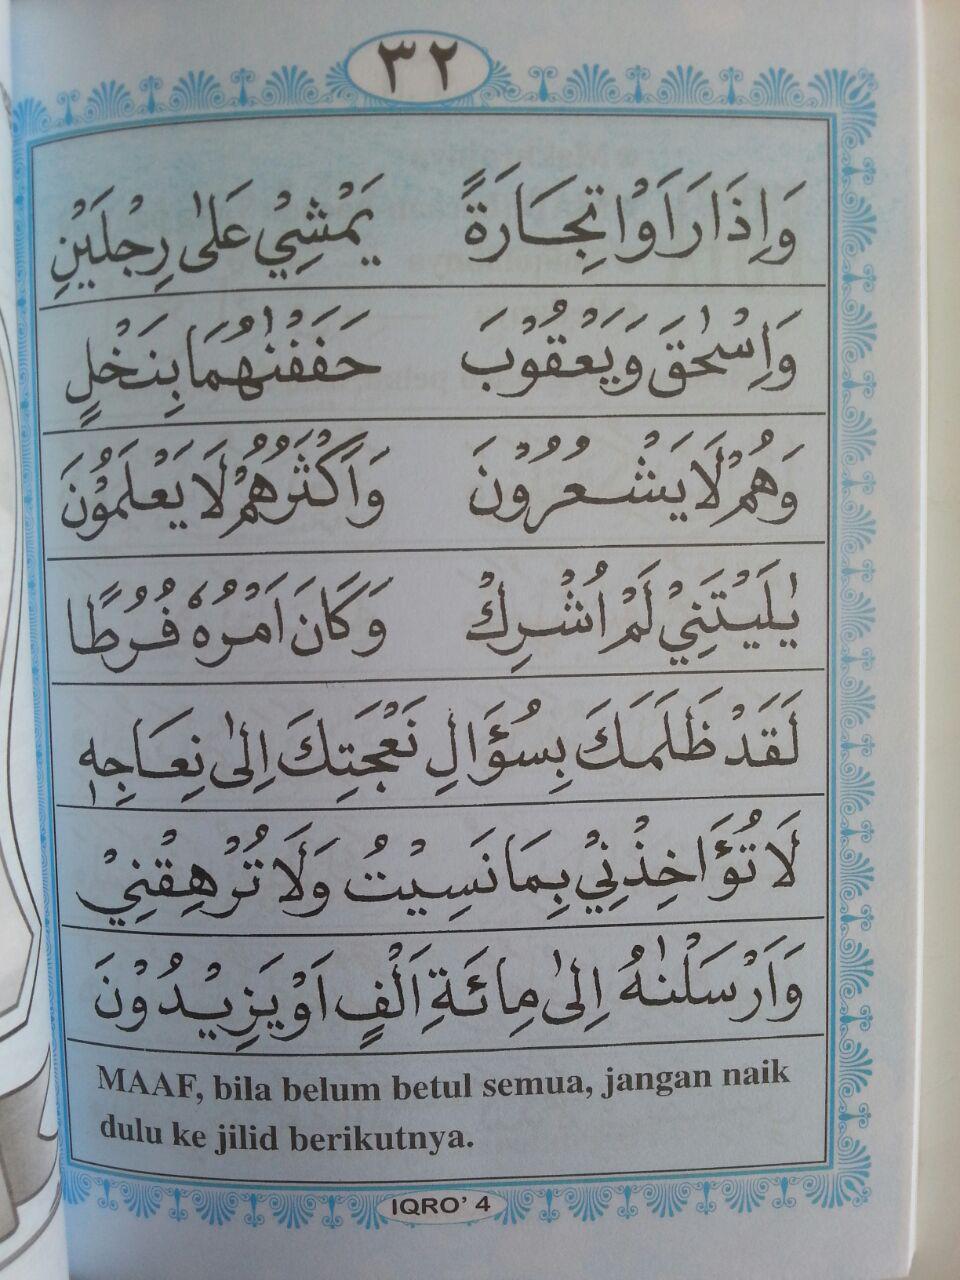 Buku Iqro Cara Cepat Belajar Membaca Al-Quran 2 Warna isi